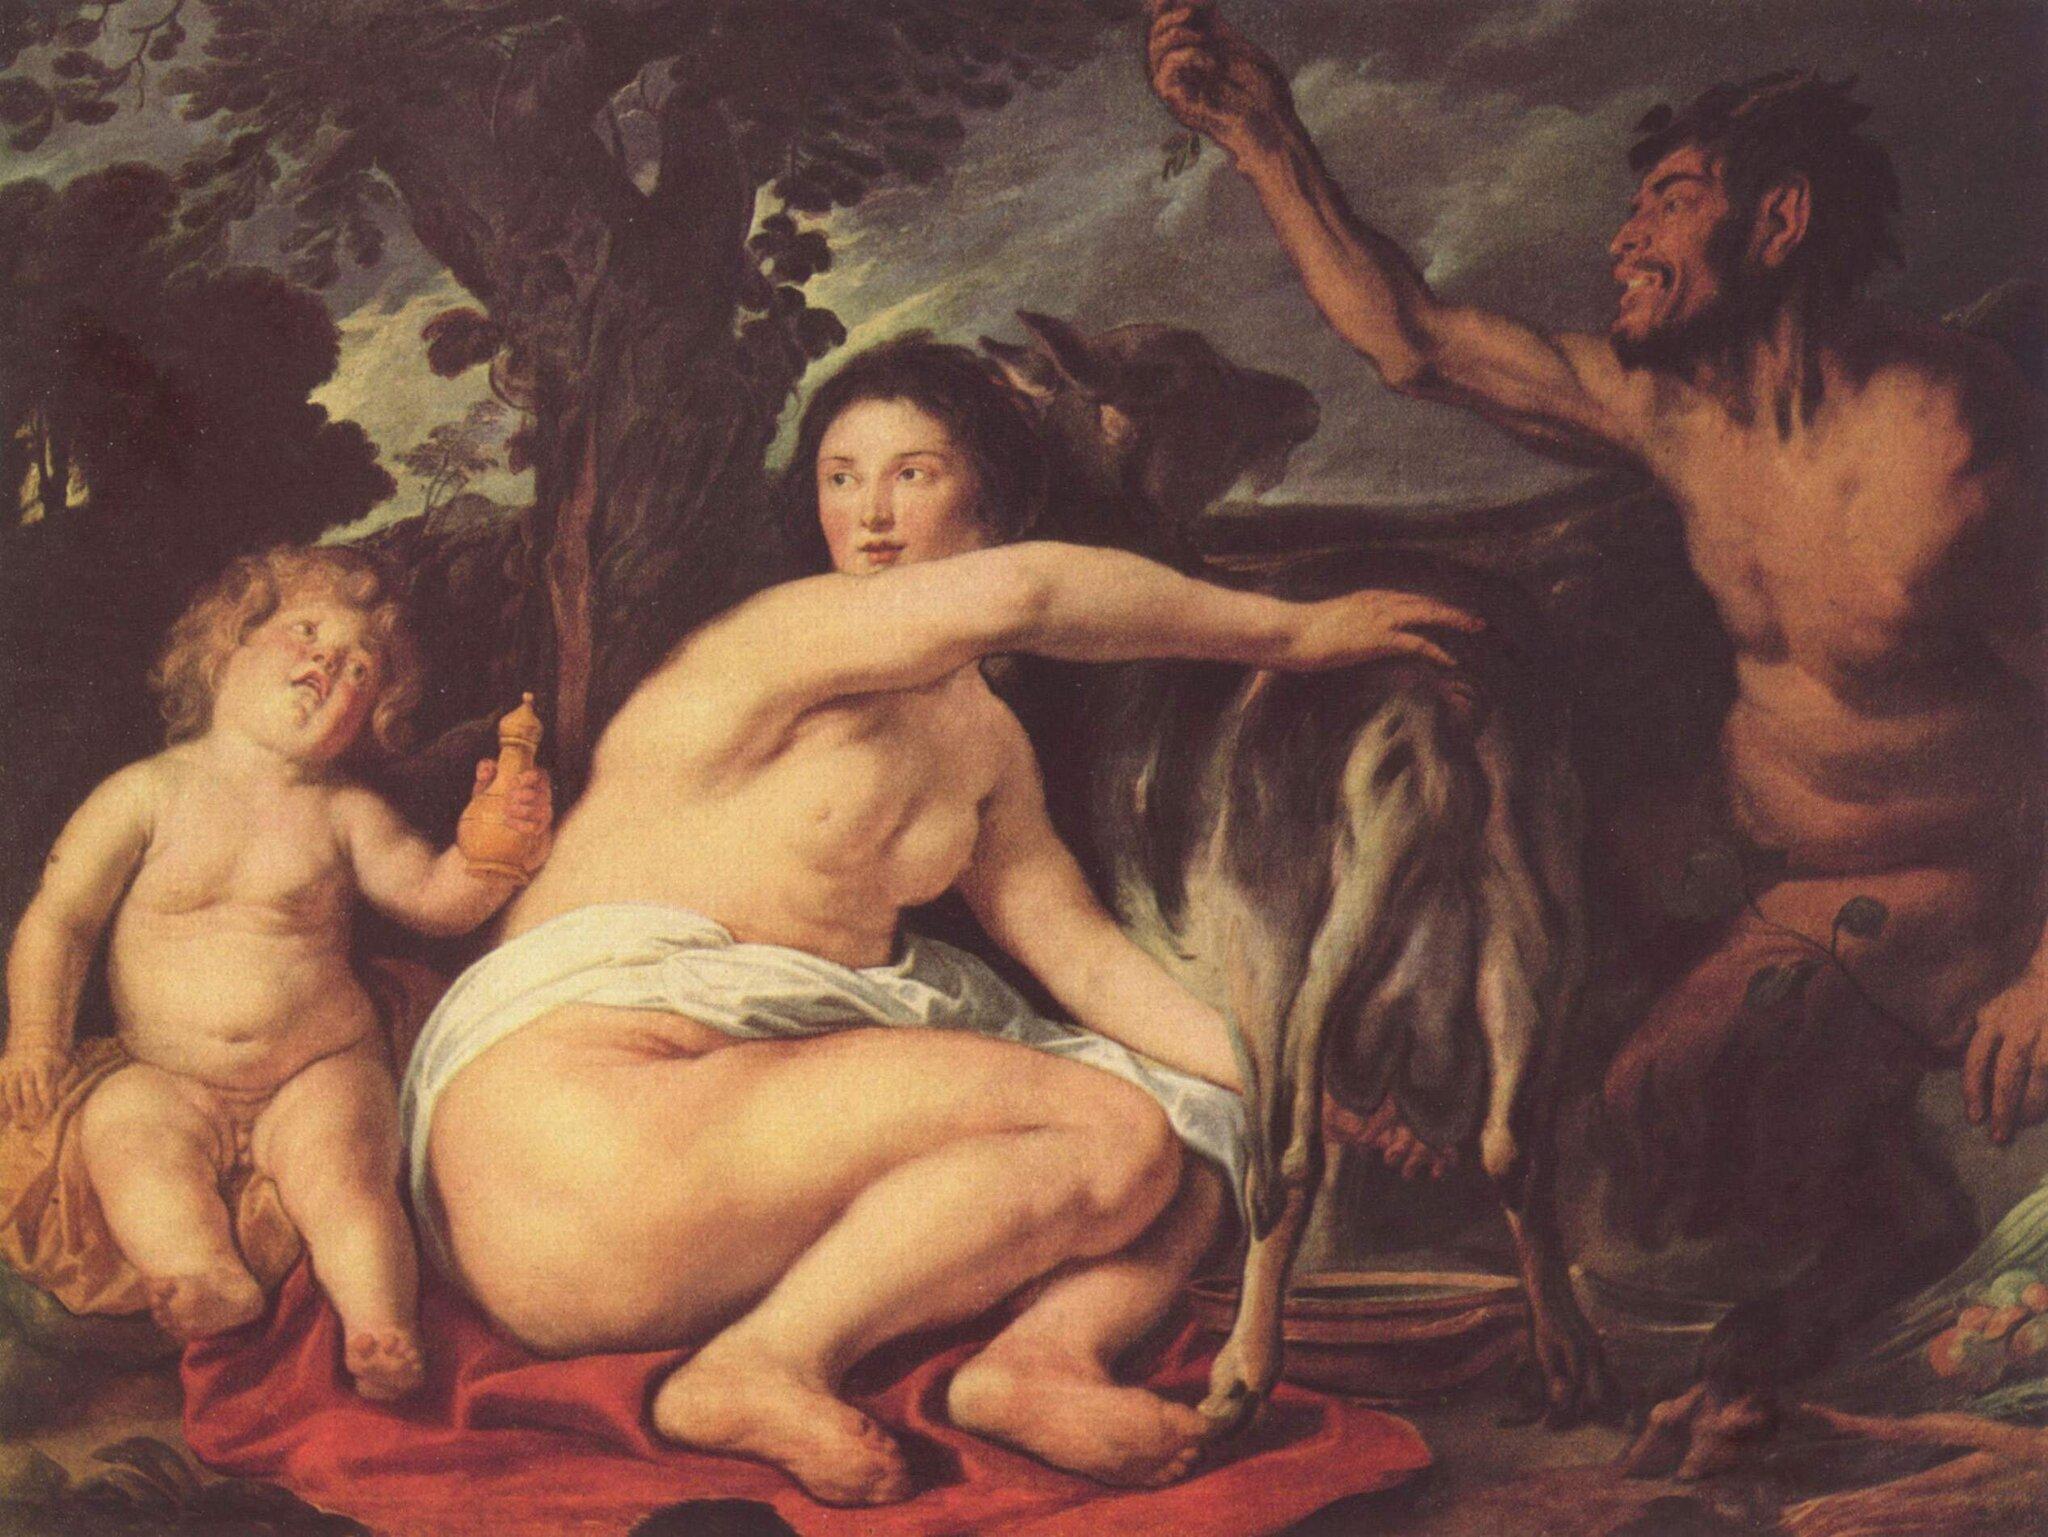 Dzieciństwo Zeusa Źródło: Jakob Jordaens, Dzieciństwo Zeusa, ok. 1640, Luwr, Paryż, domena publiczna.